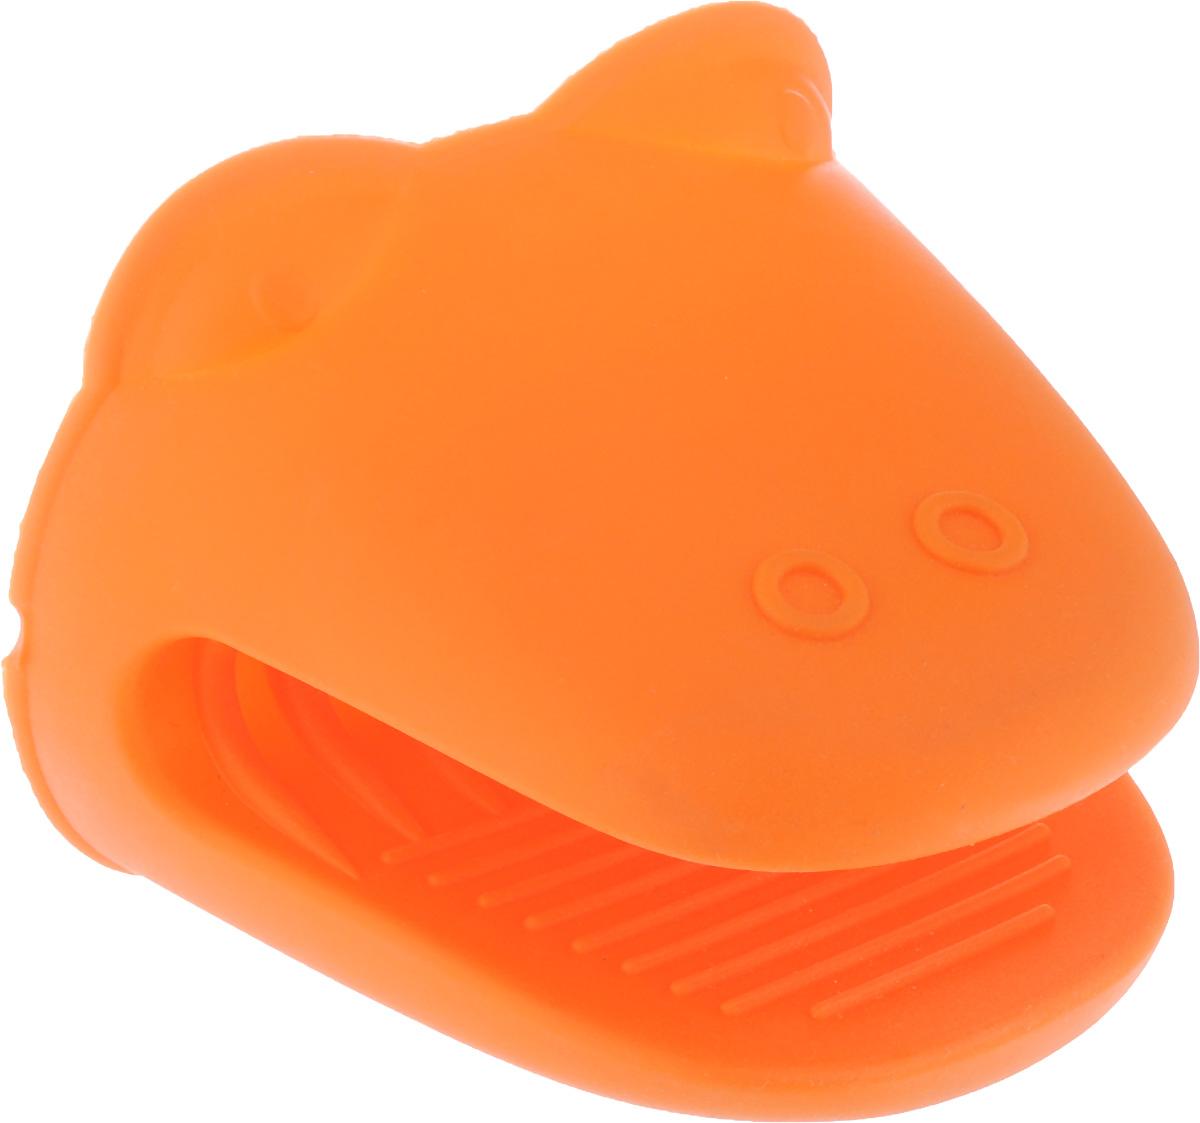 Прихватка Mayer & Boch, силиконовая, цвет: оранжевый, 11,5 х 9 см21940_оранжевыйСиликоновая прихватка Mayer & Boch предназначена для защиты рук от ожогов при контакте с горячей посудой. Благодаря удобной форме прихватка не нарушает тактильных ощущений рук в процессе использования и при этом обеспечивает их надежную защиту от высоких температур. Вы с легкостью сможете снять горячую посуду с плиты, извлечь форму для выпекания или противень из разогретого до максимальной температуры духового шкафа или разогретой микроволновой печи. Силиконовая прихватка не плавится, легко моется, не впитывает запахи и жир, не теряет внешнего вида с течением времени, служит долго.